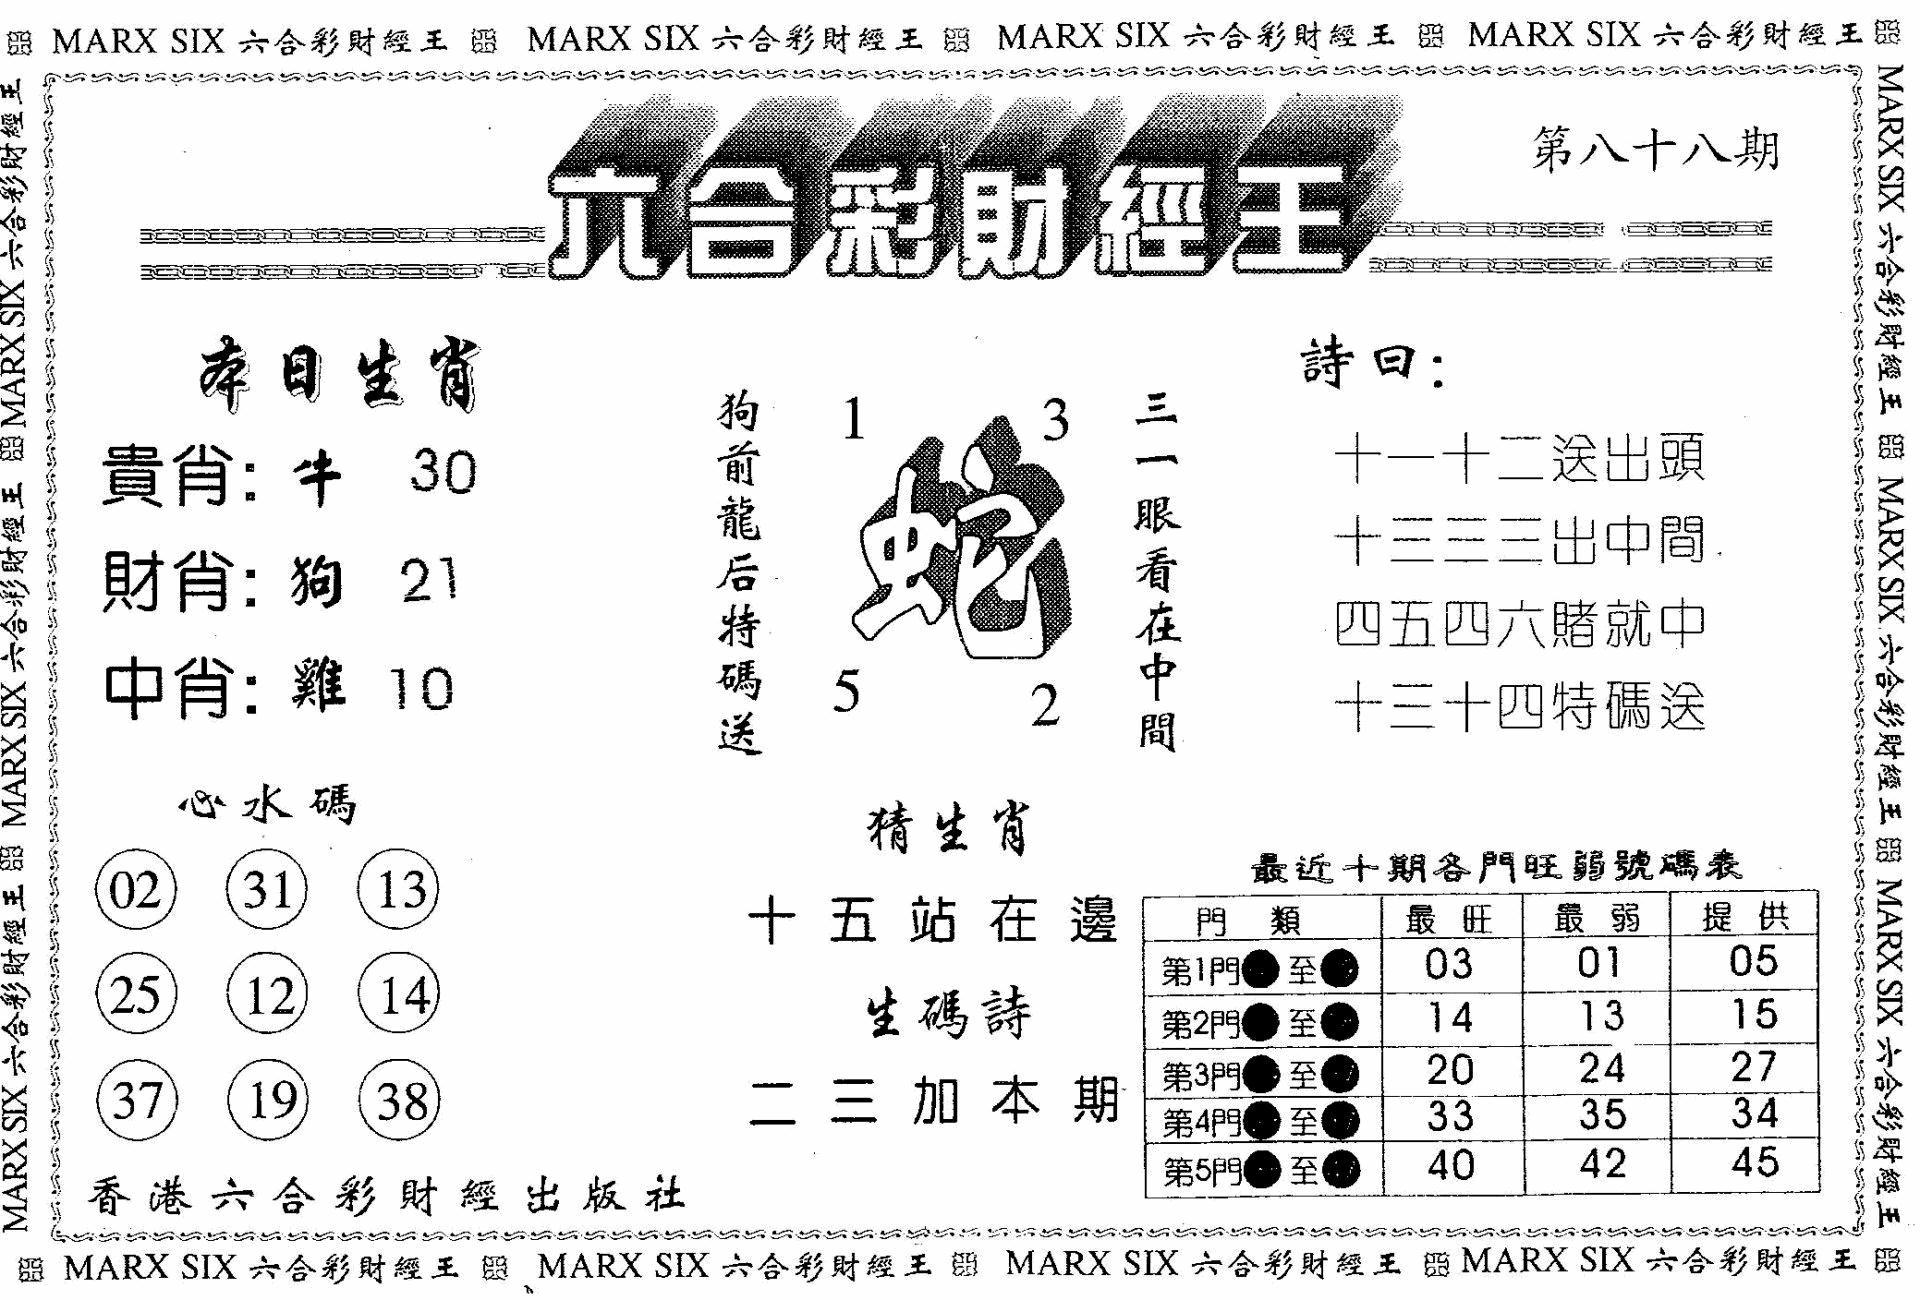 088期另版六合财经王(黑白)